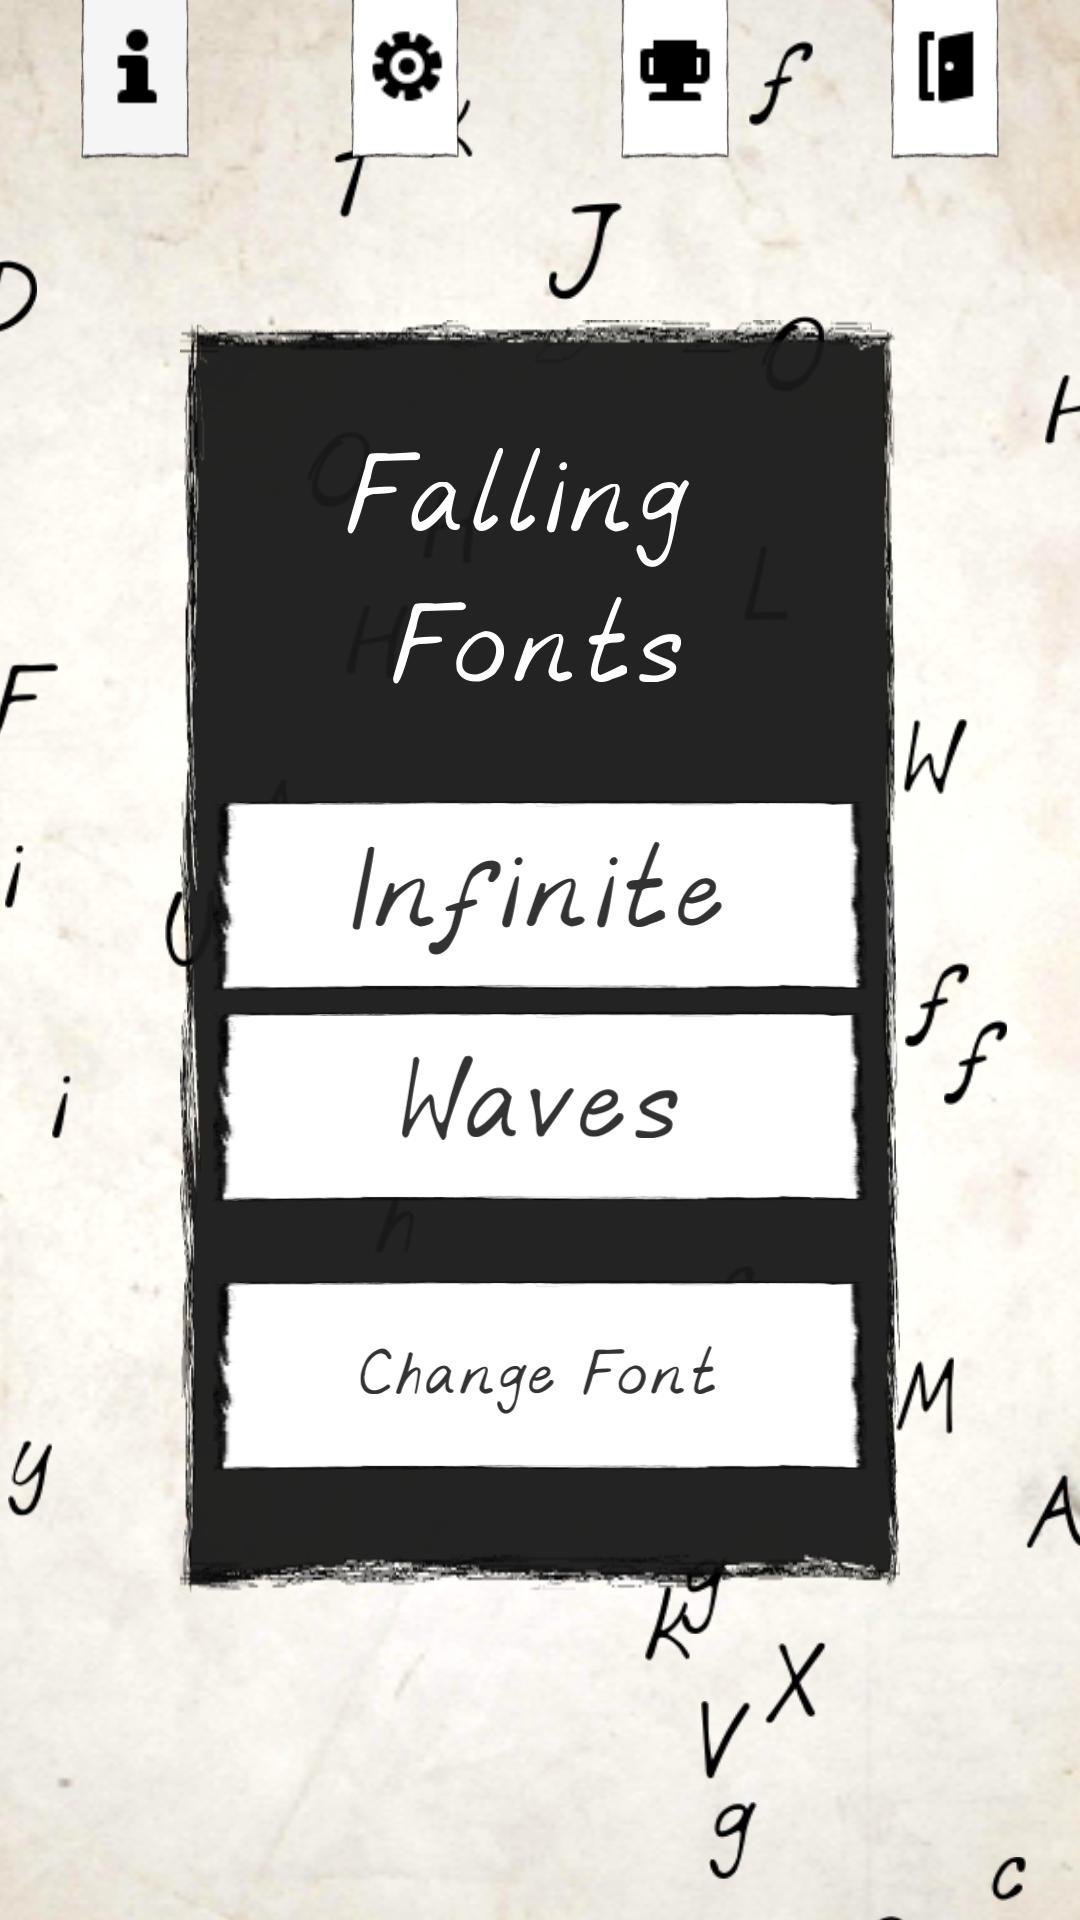 Falling Fonts